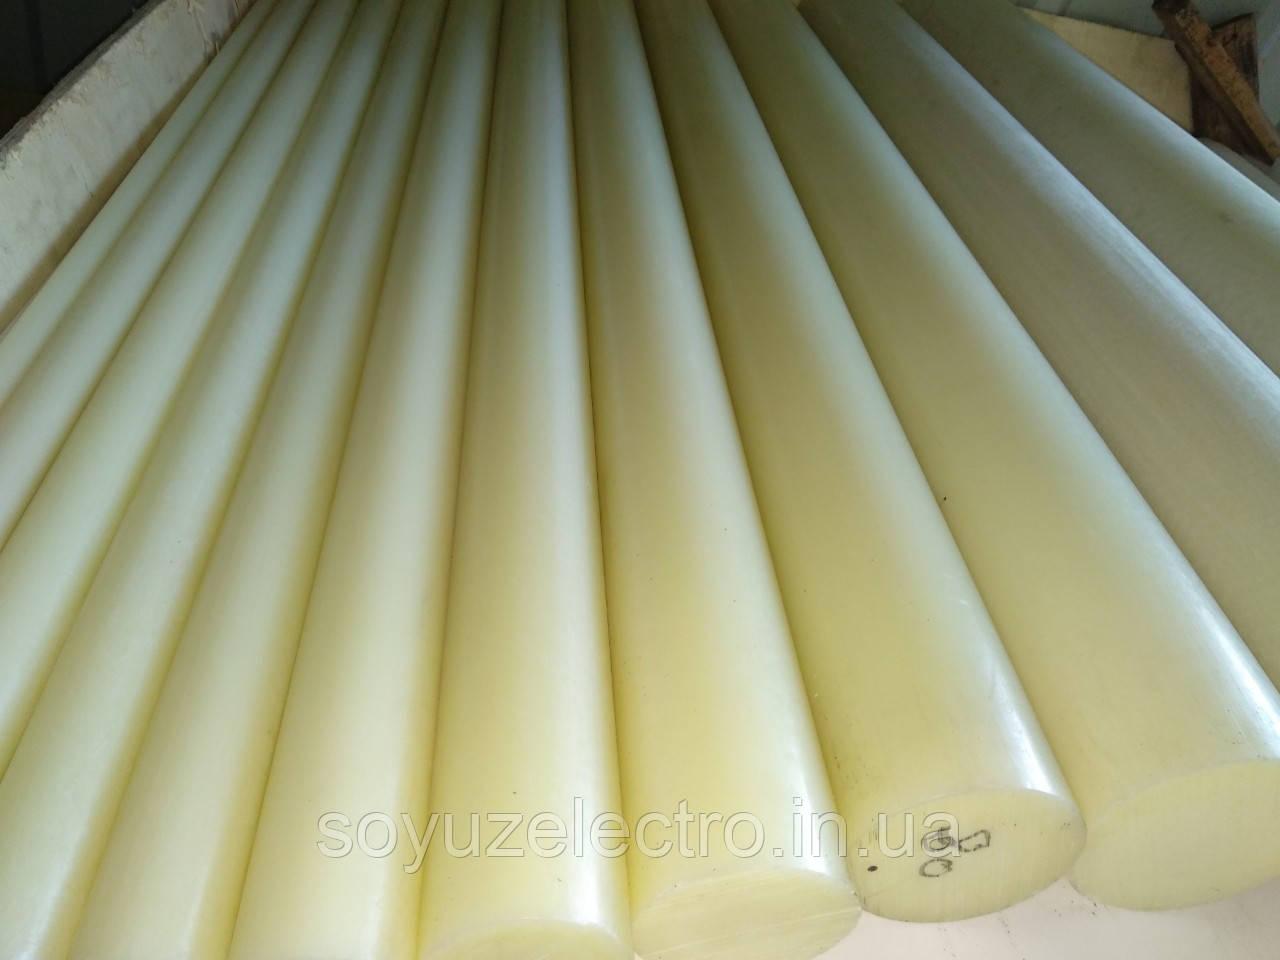 Полиамид ПА 6 стержень 140х500 мм (Капролон стержневой)